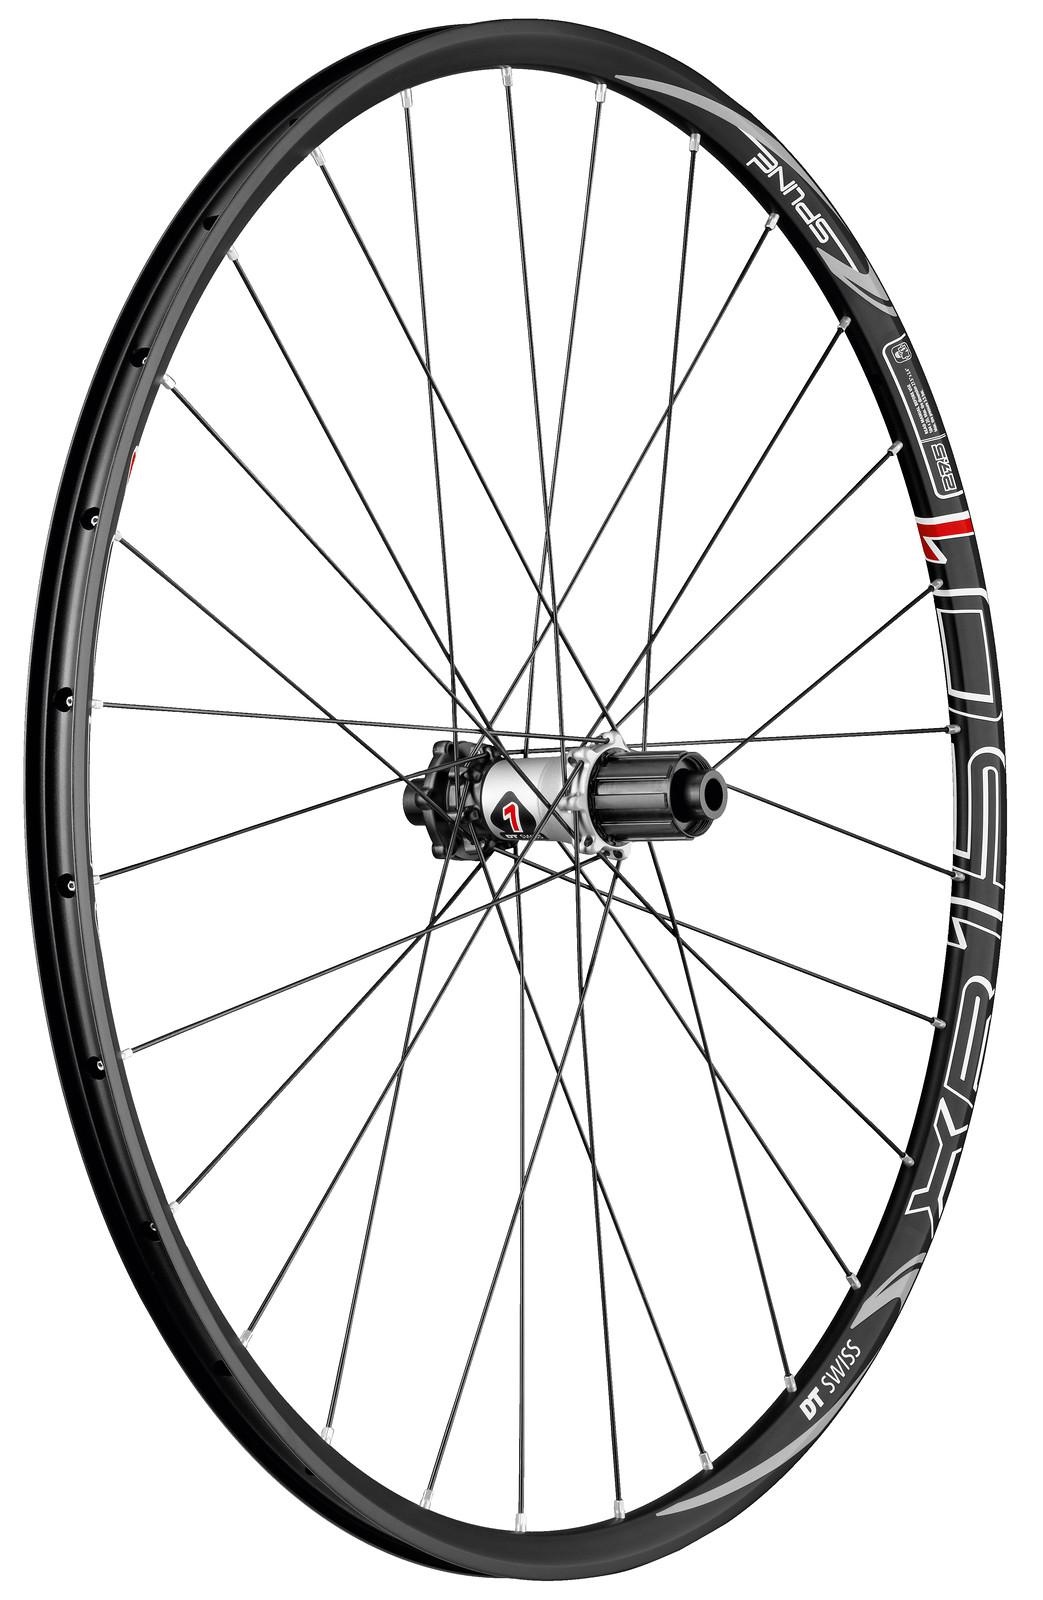 DT Swiss XR1501 Spline ONE 27.5 Wheelset PHO_XR_1501_SPLINE_ONE_27.5_BLACK_TA_12_142_RW_RGB